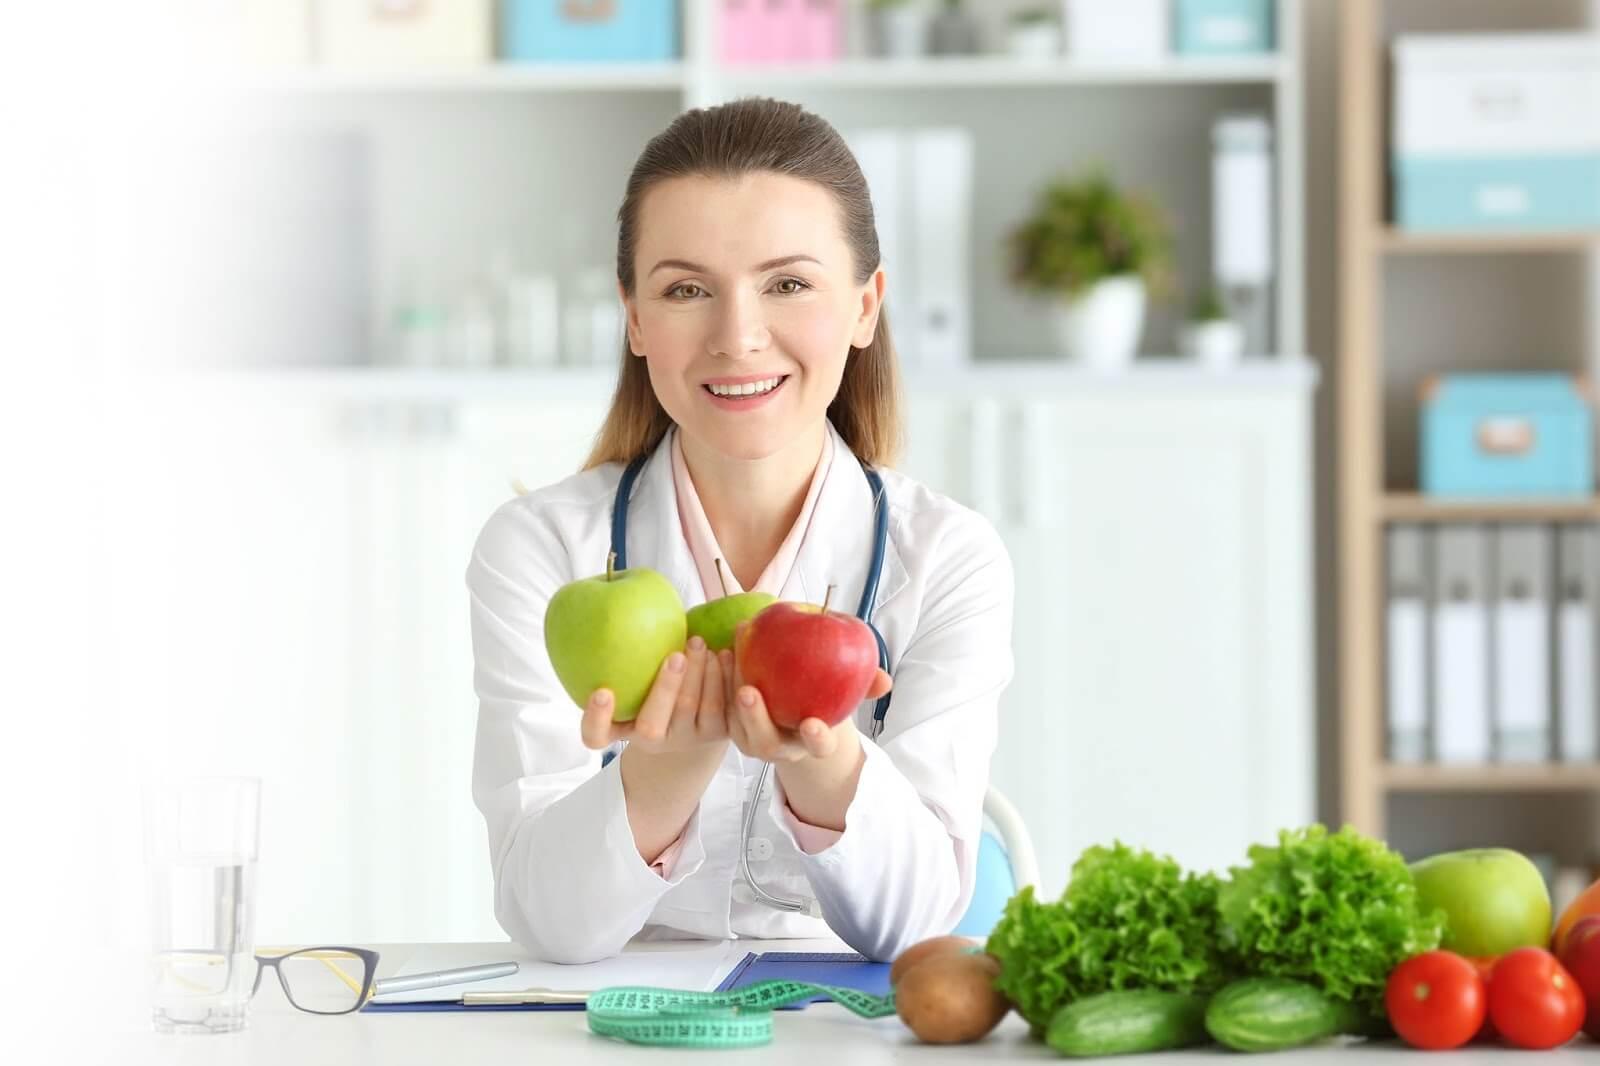 تناسب اندام زنان از طریق 10 روش کاربردی تغذیه ای